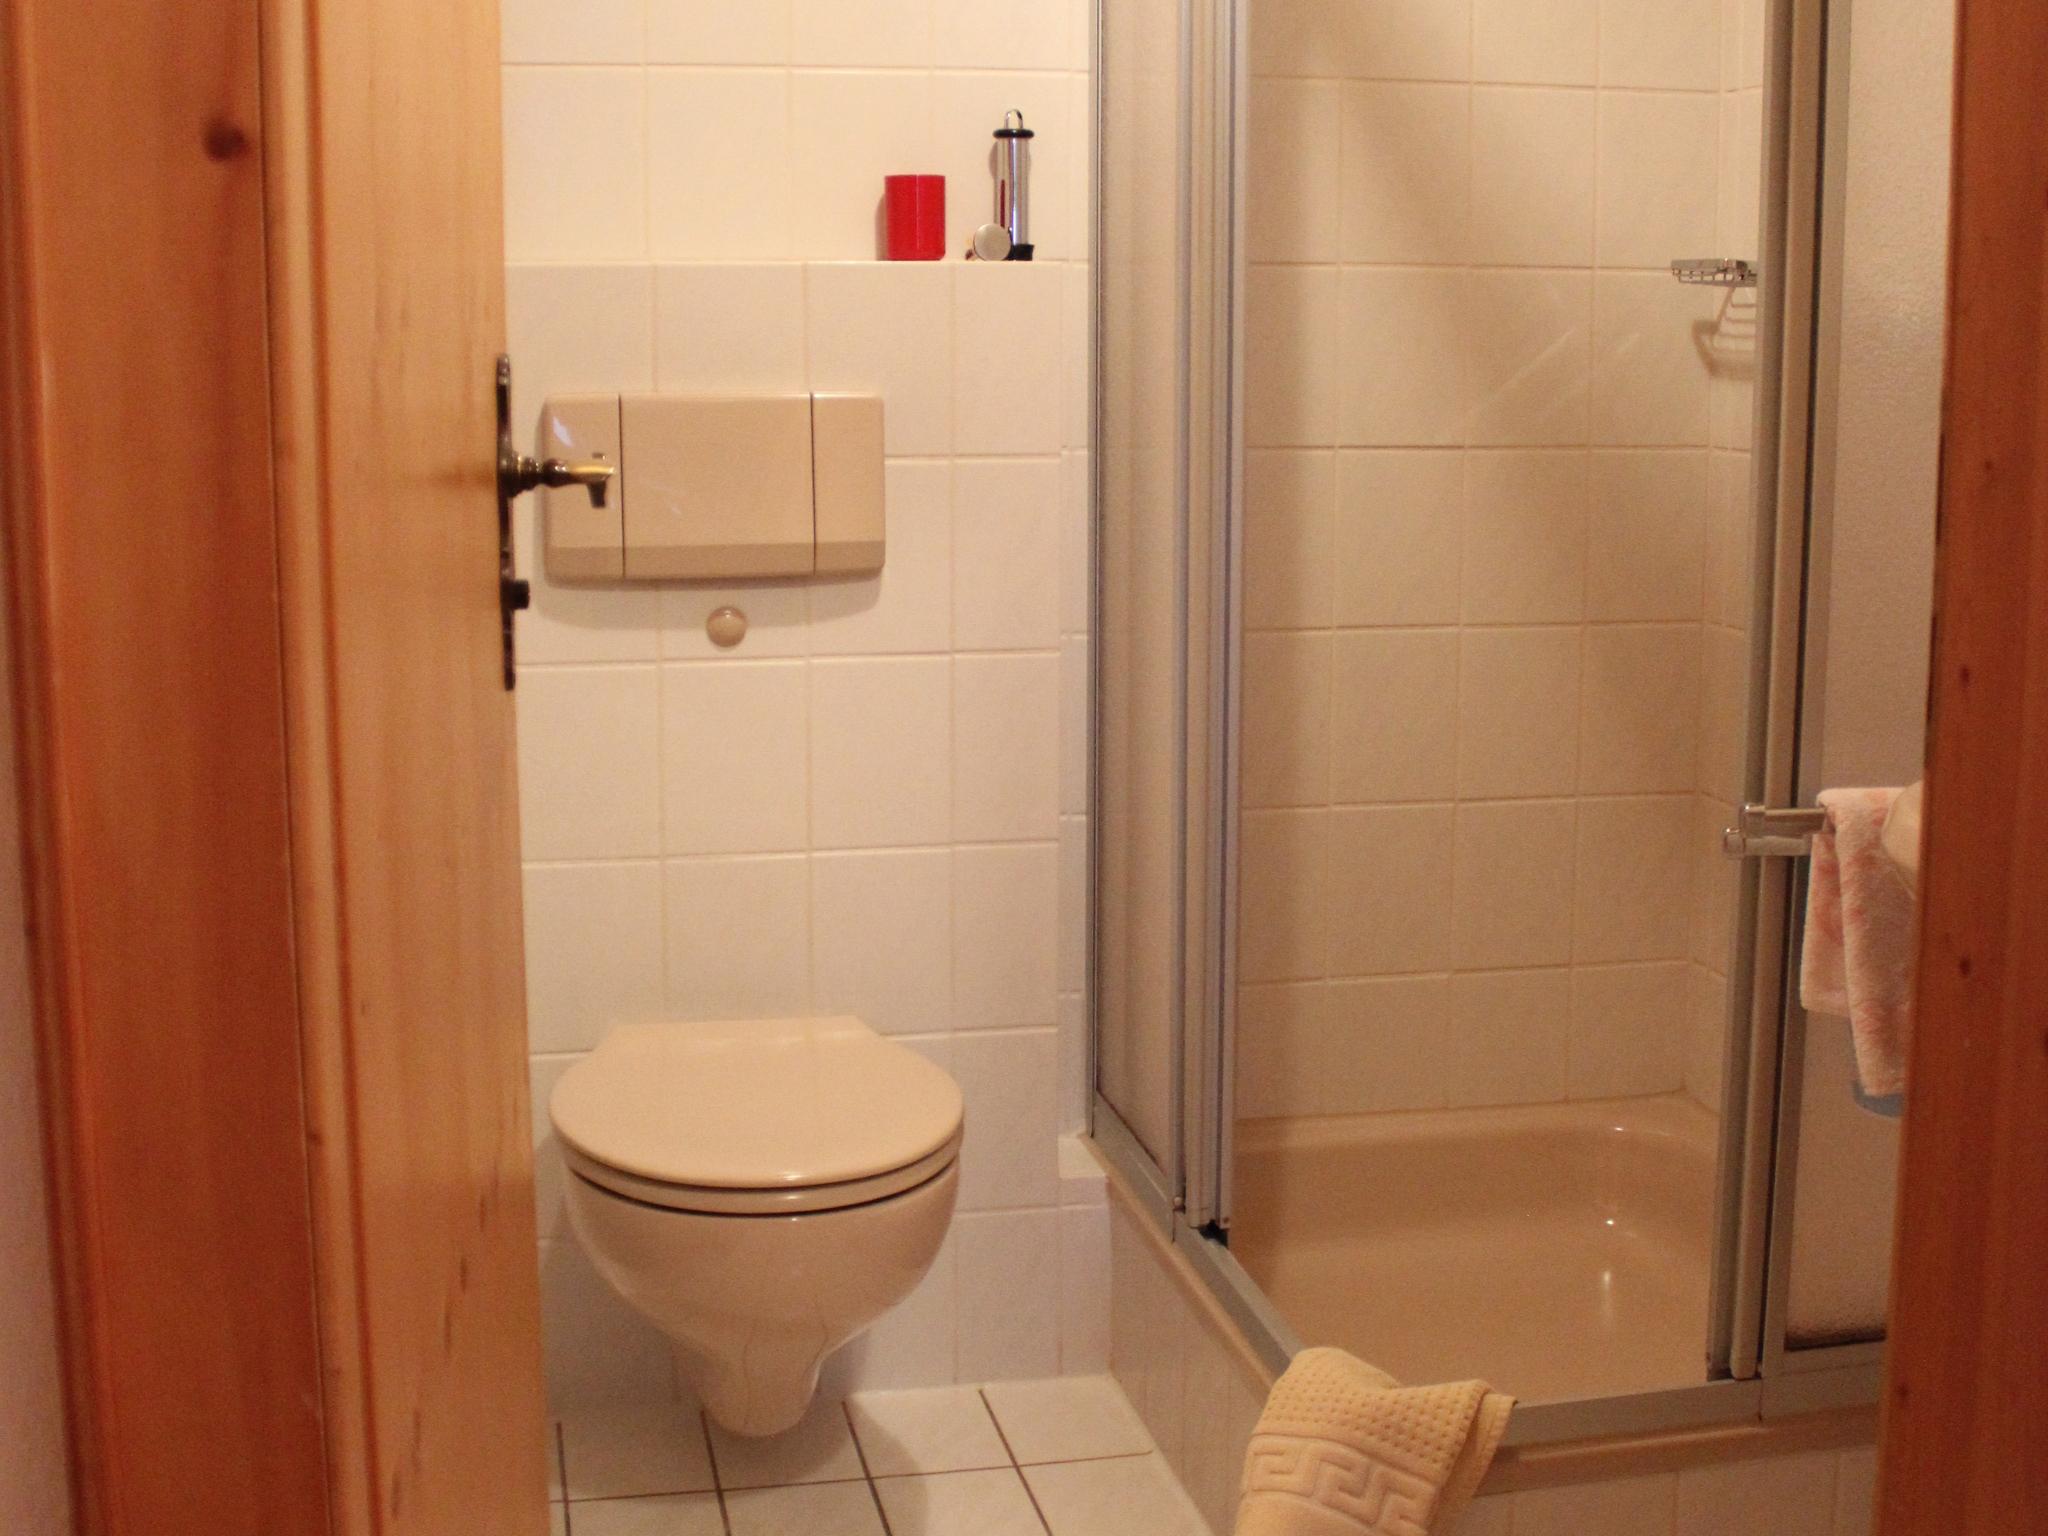 Appartement de vacances Gästehaus Kress - Chiemgau Karte (DE Inzell). Ferienwohnung 2 für 4 Personen, 1 Schlaf- un (712315), Inzell, Chiemgau, Bavière, Allemagne, image 16